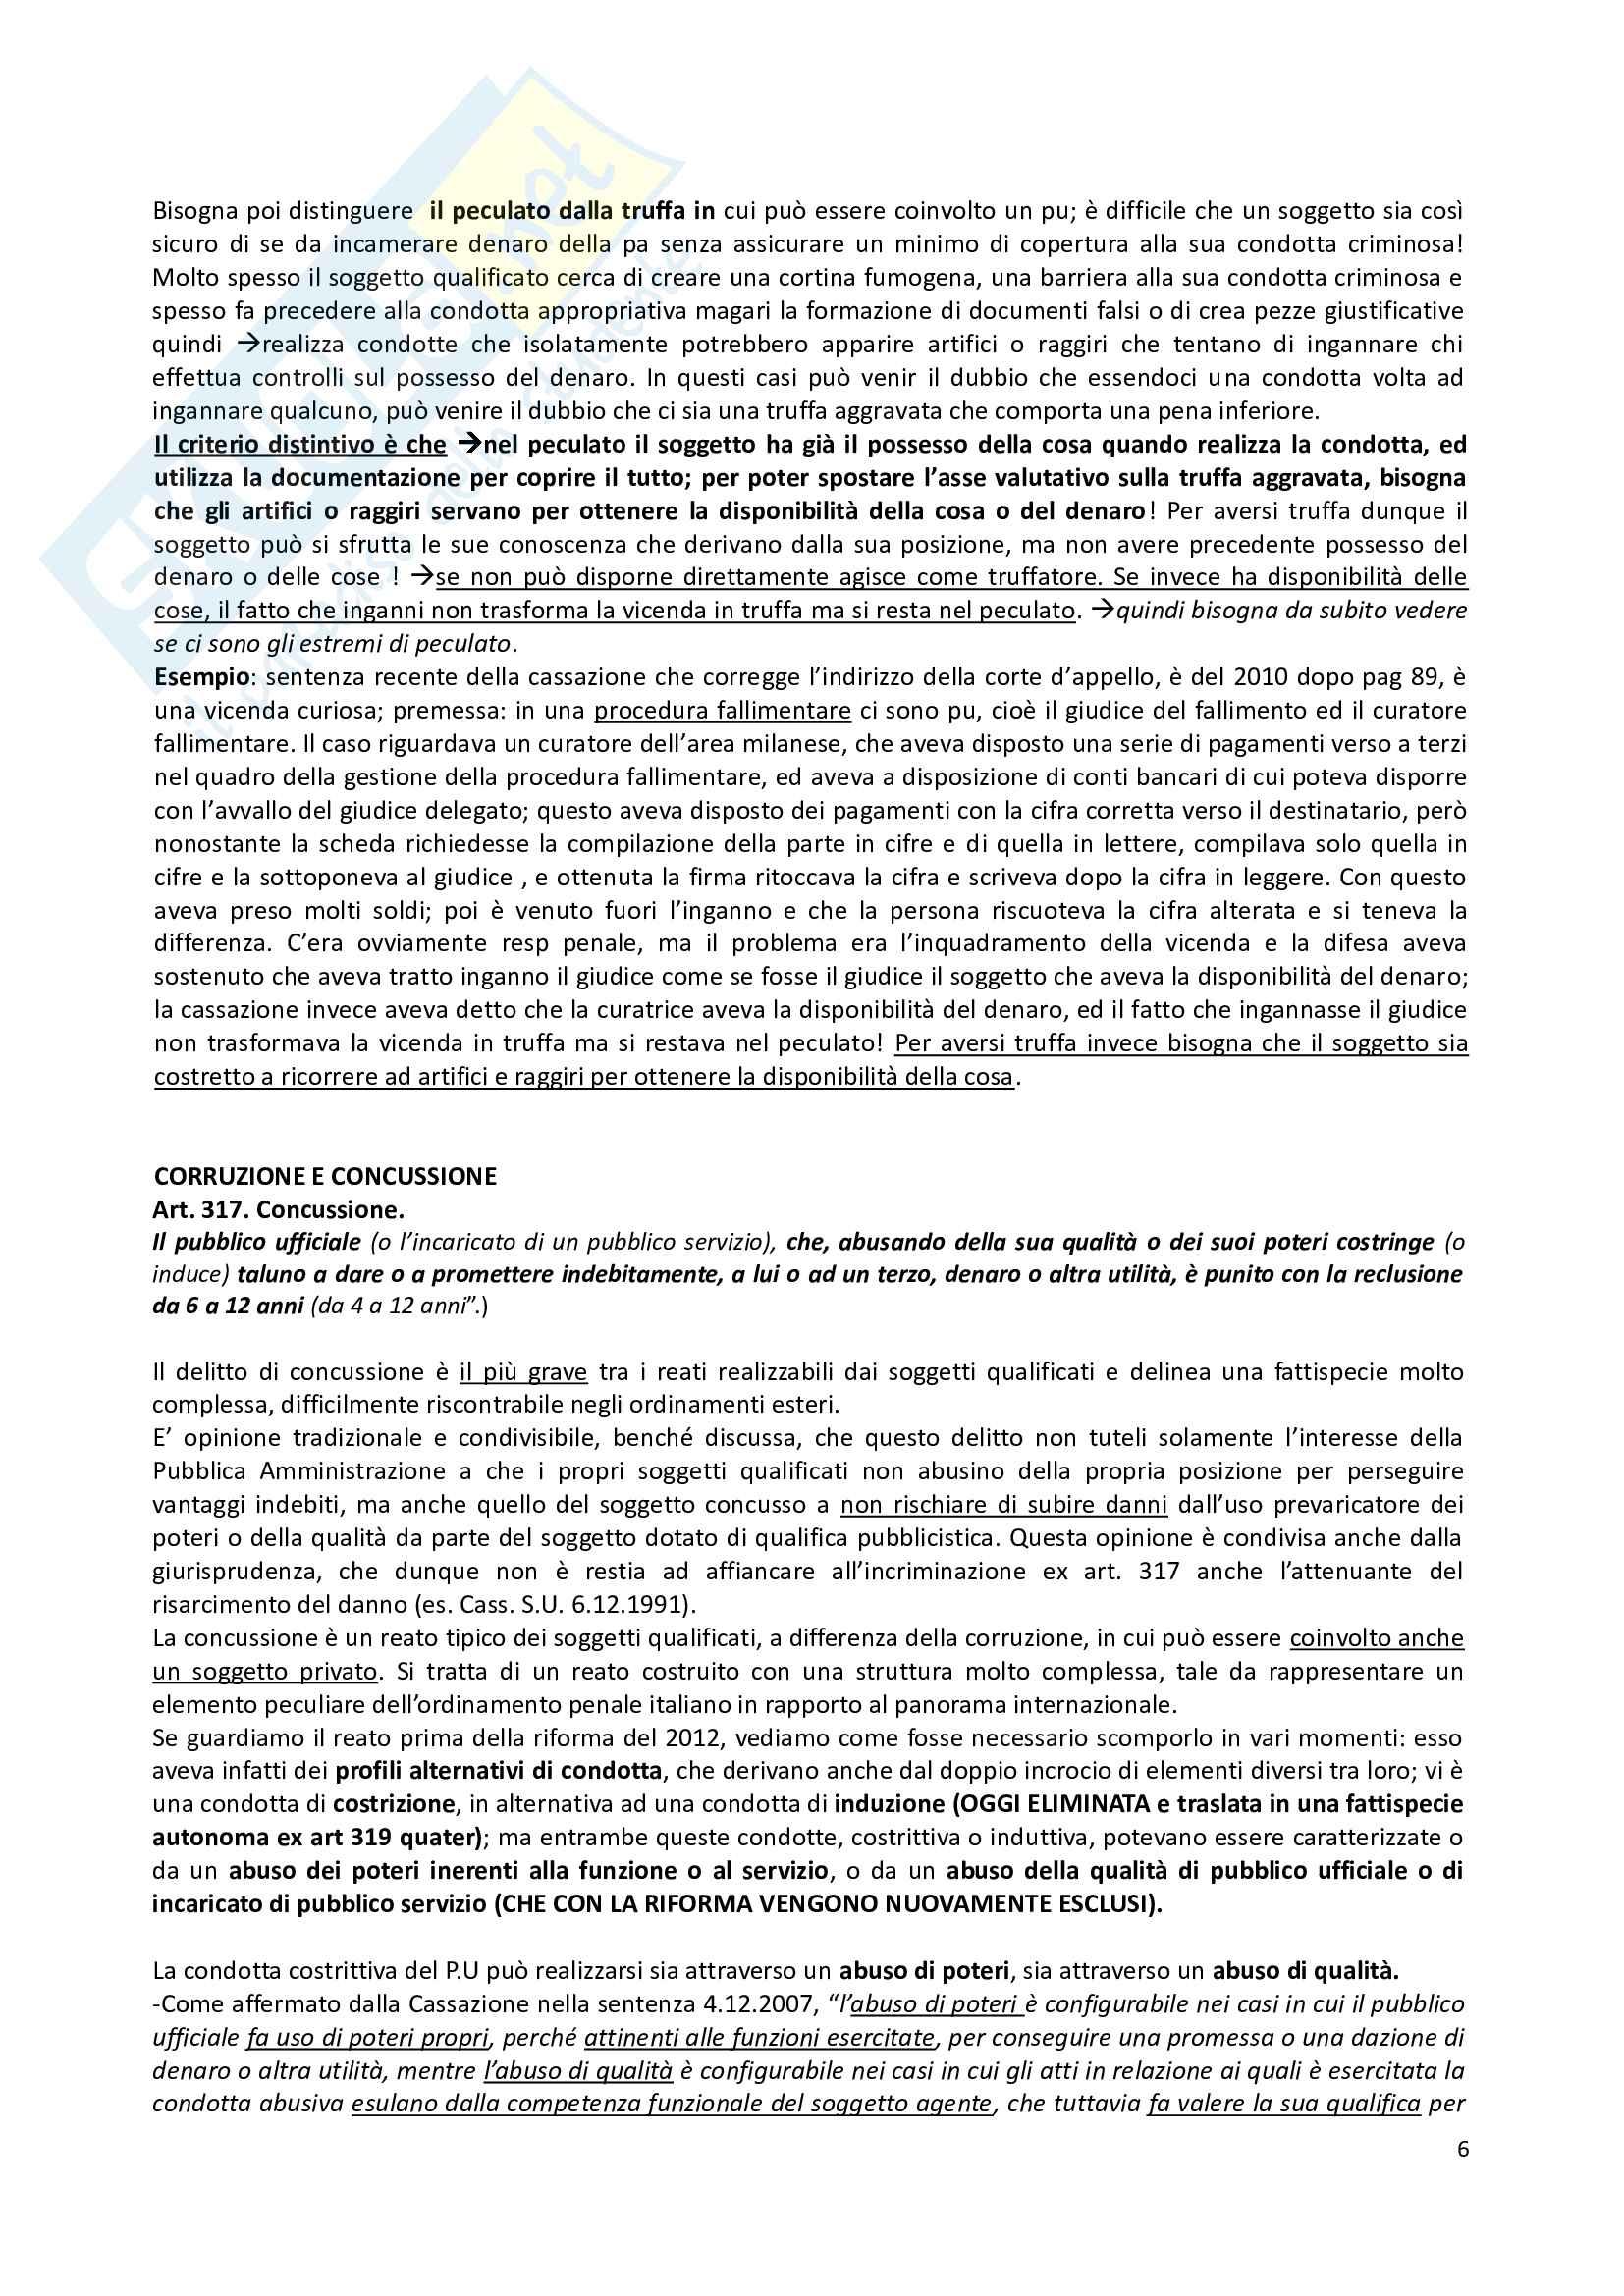 Diritto penale - nozioni Pag. 6